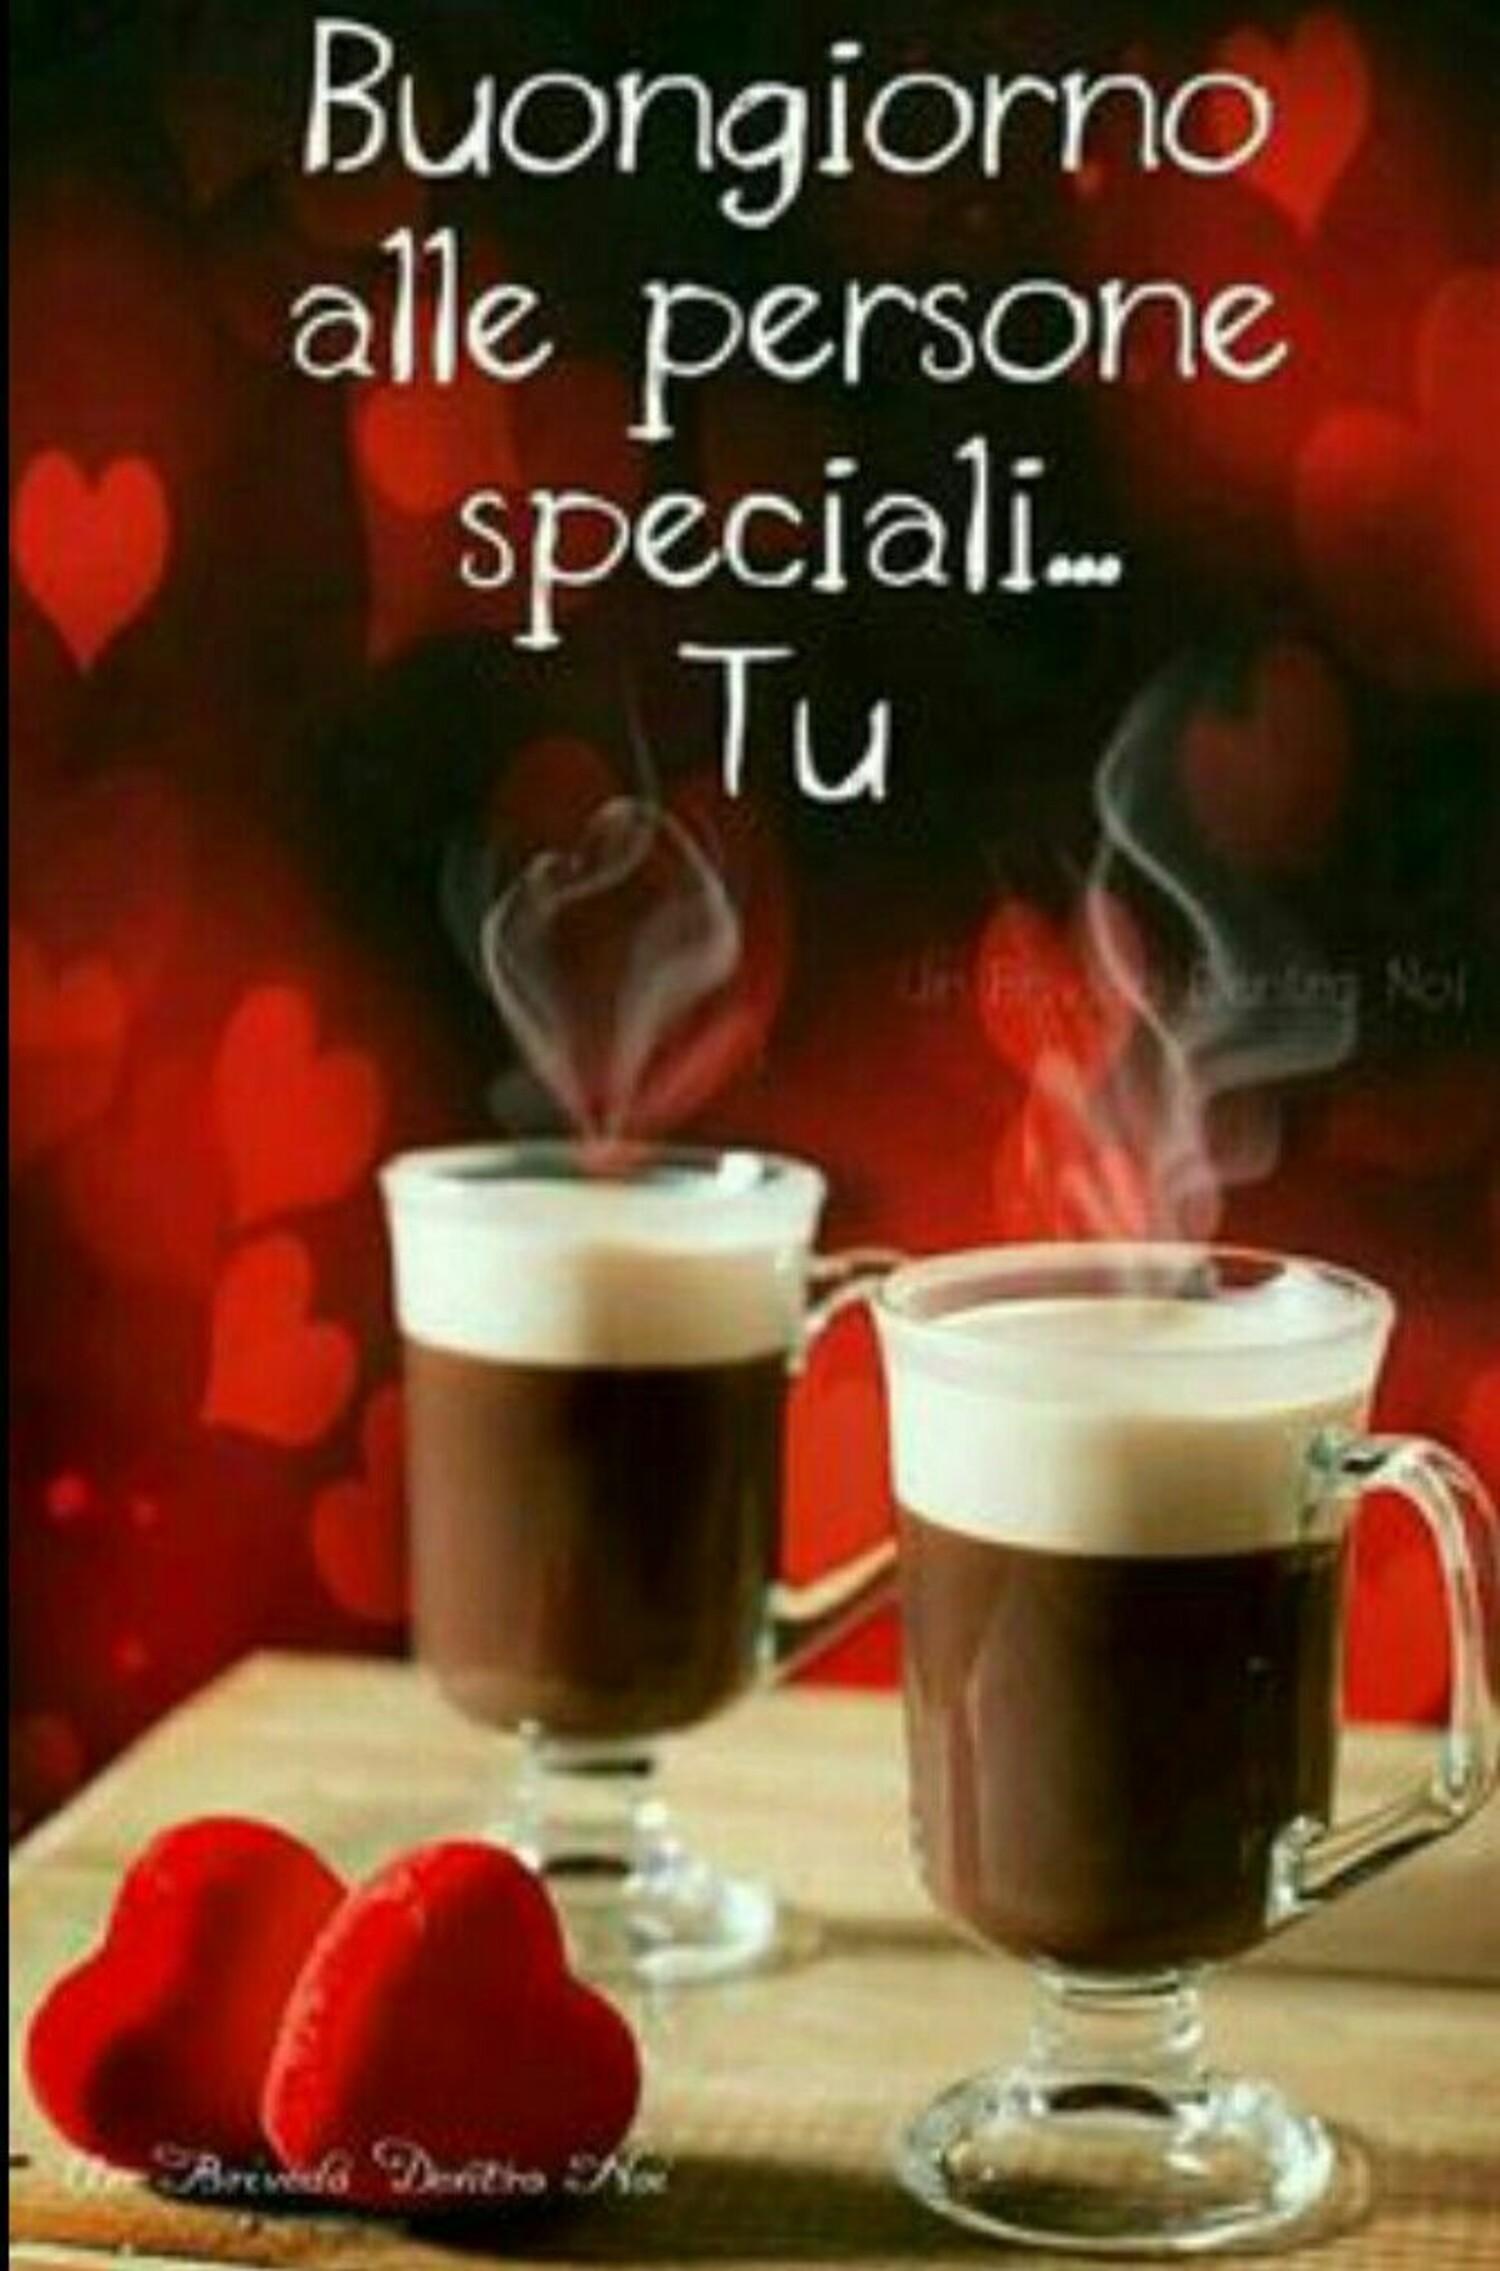 Buongiorno alle persone Speciali... TU